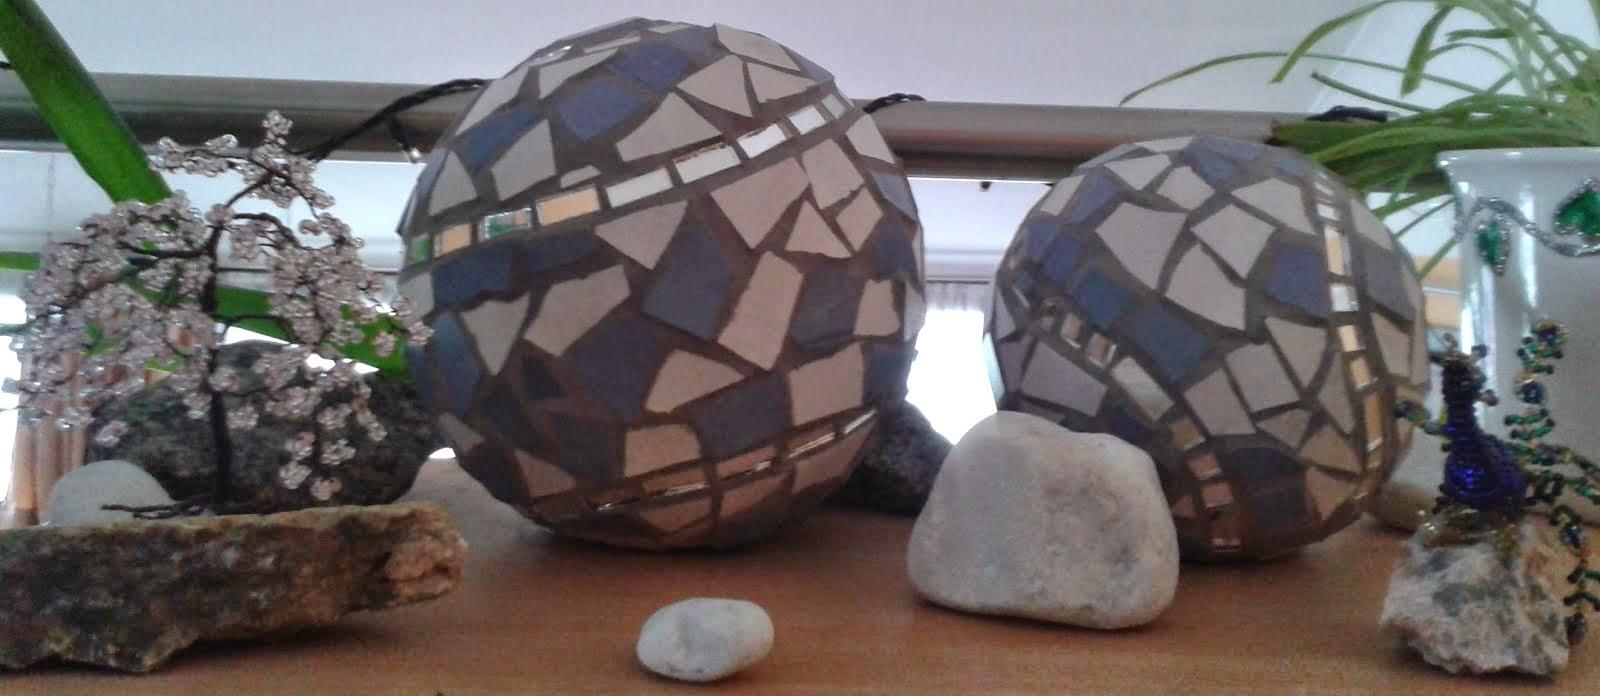 Mosaik und Co.